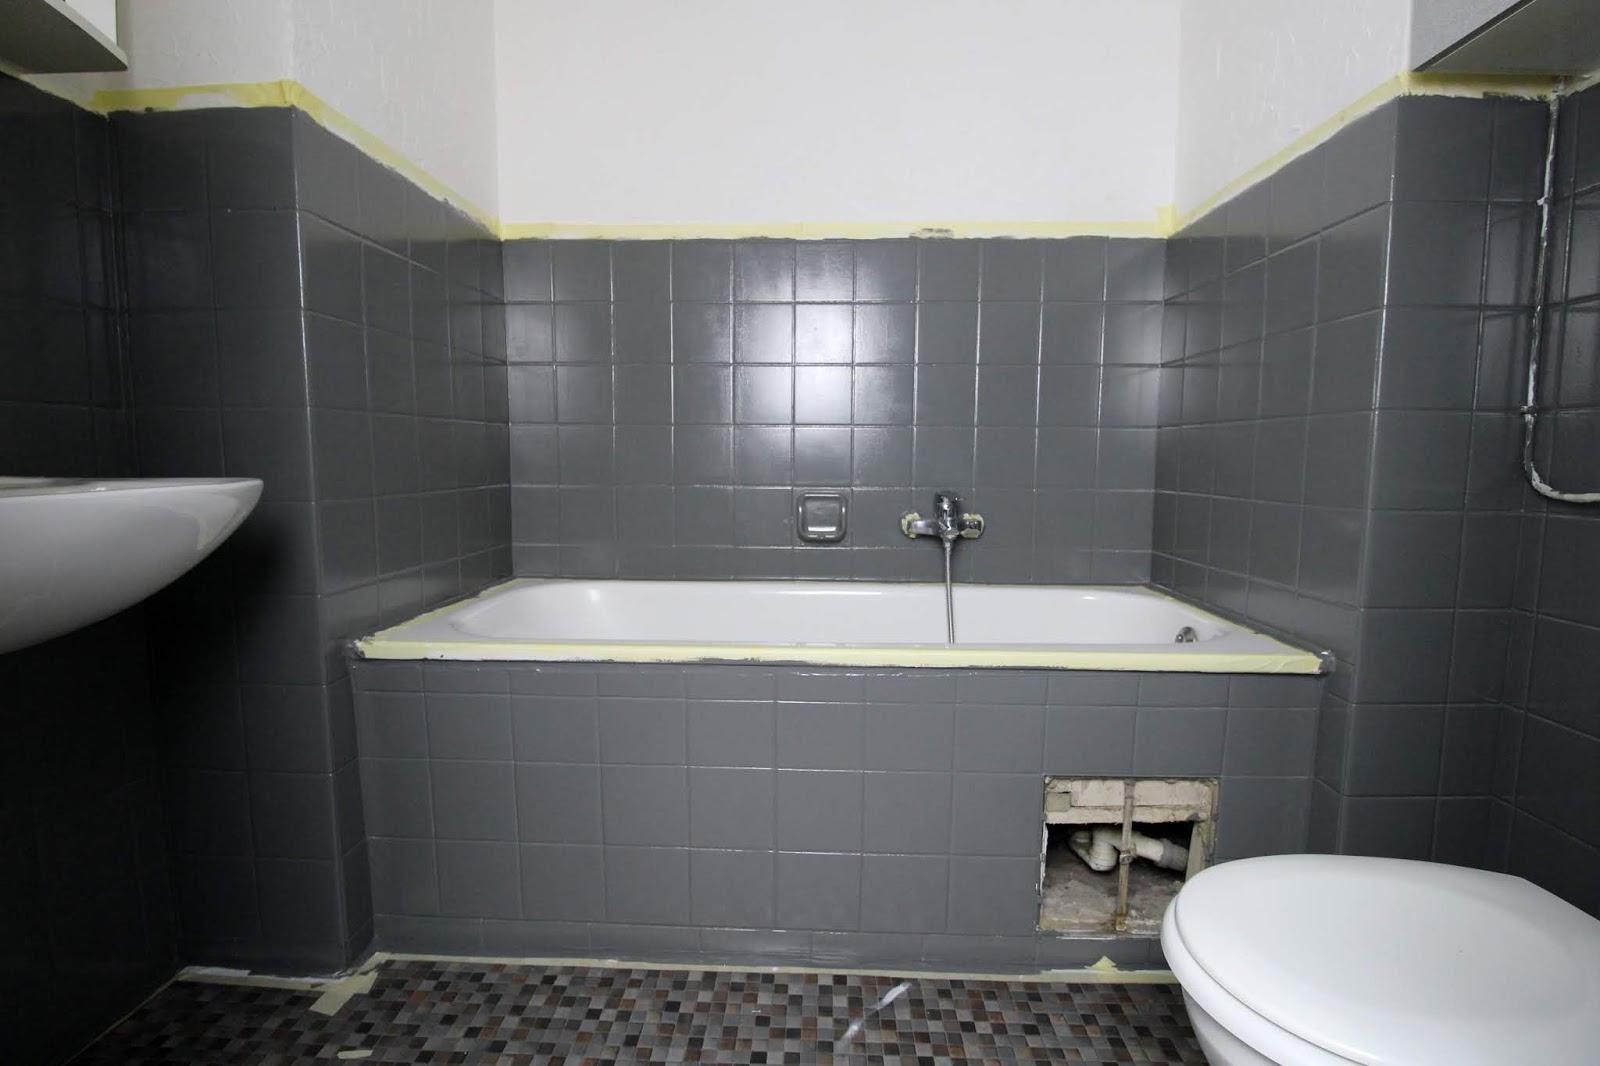 Schöner Wohnen Badezimmer | Faszinierend Badezimmer Mauer Mit ...